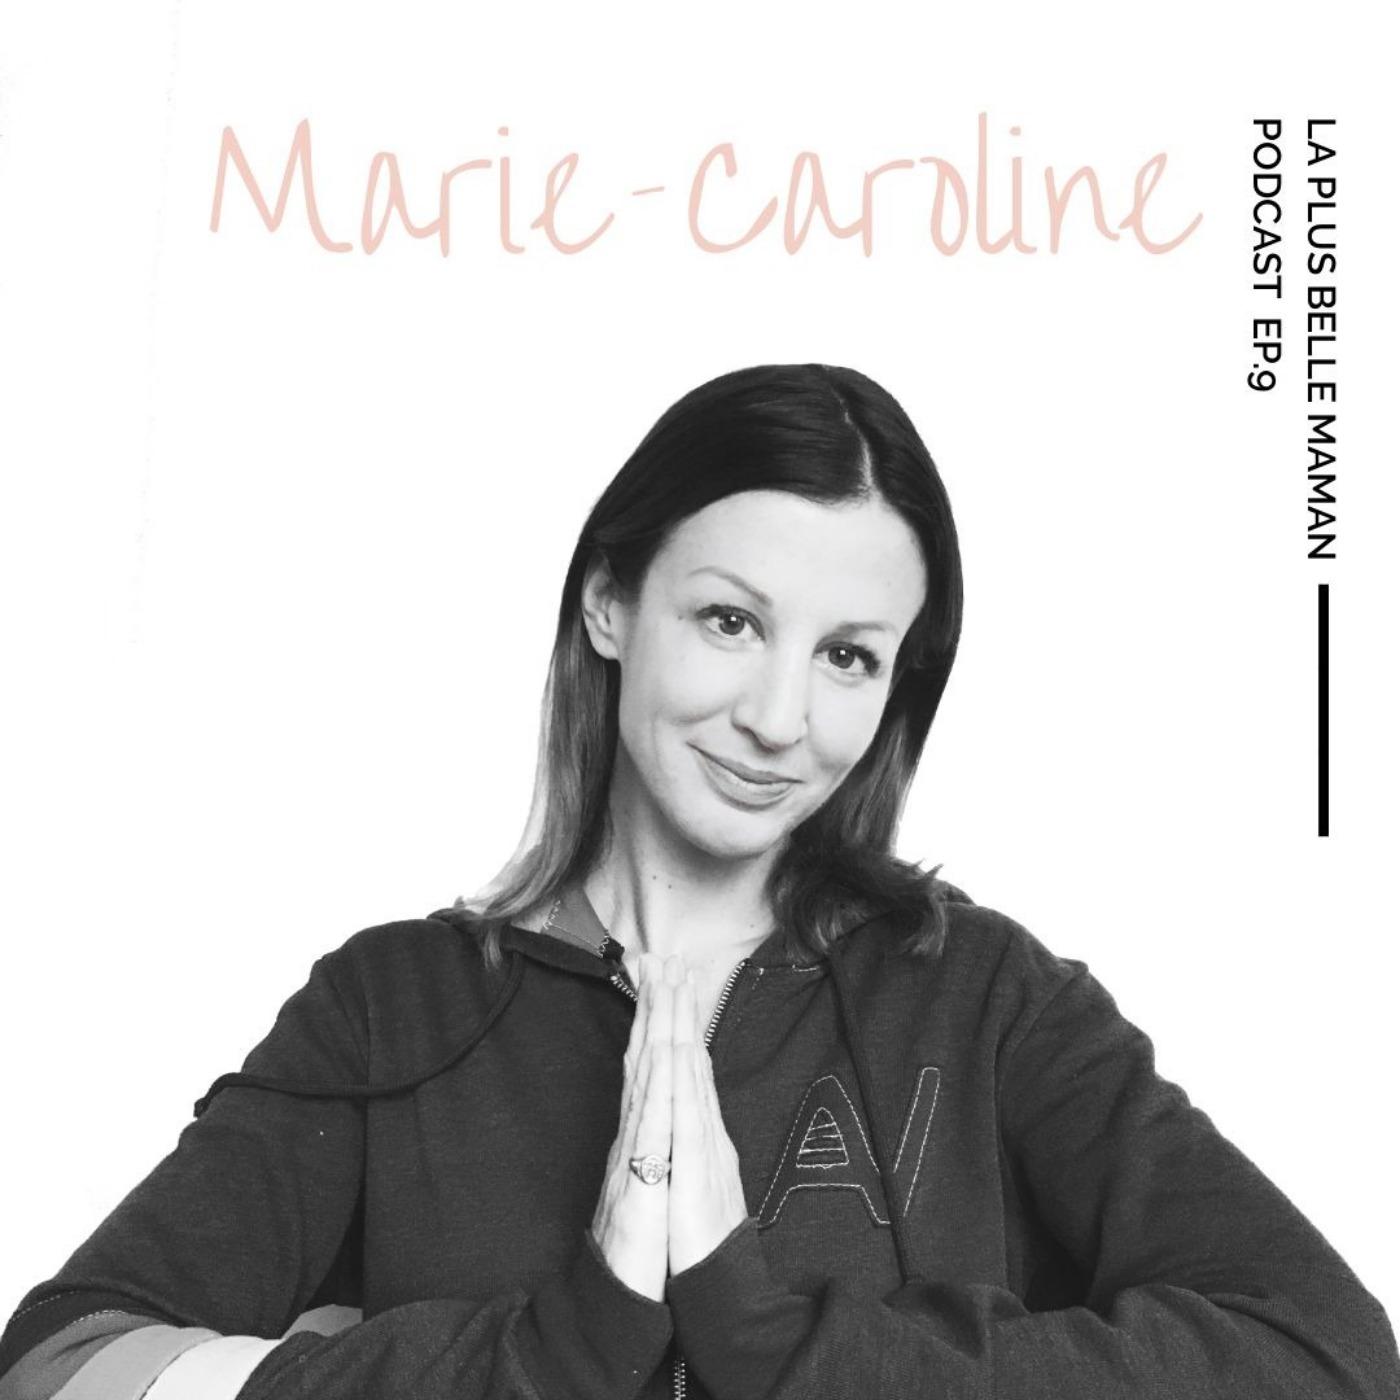 L'importance du yoga avec Marie-Caroline de Yoga4KidsParis